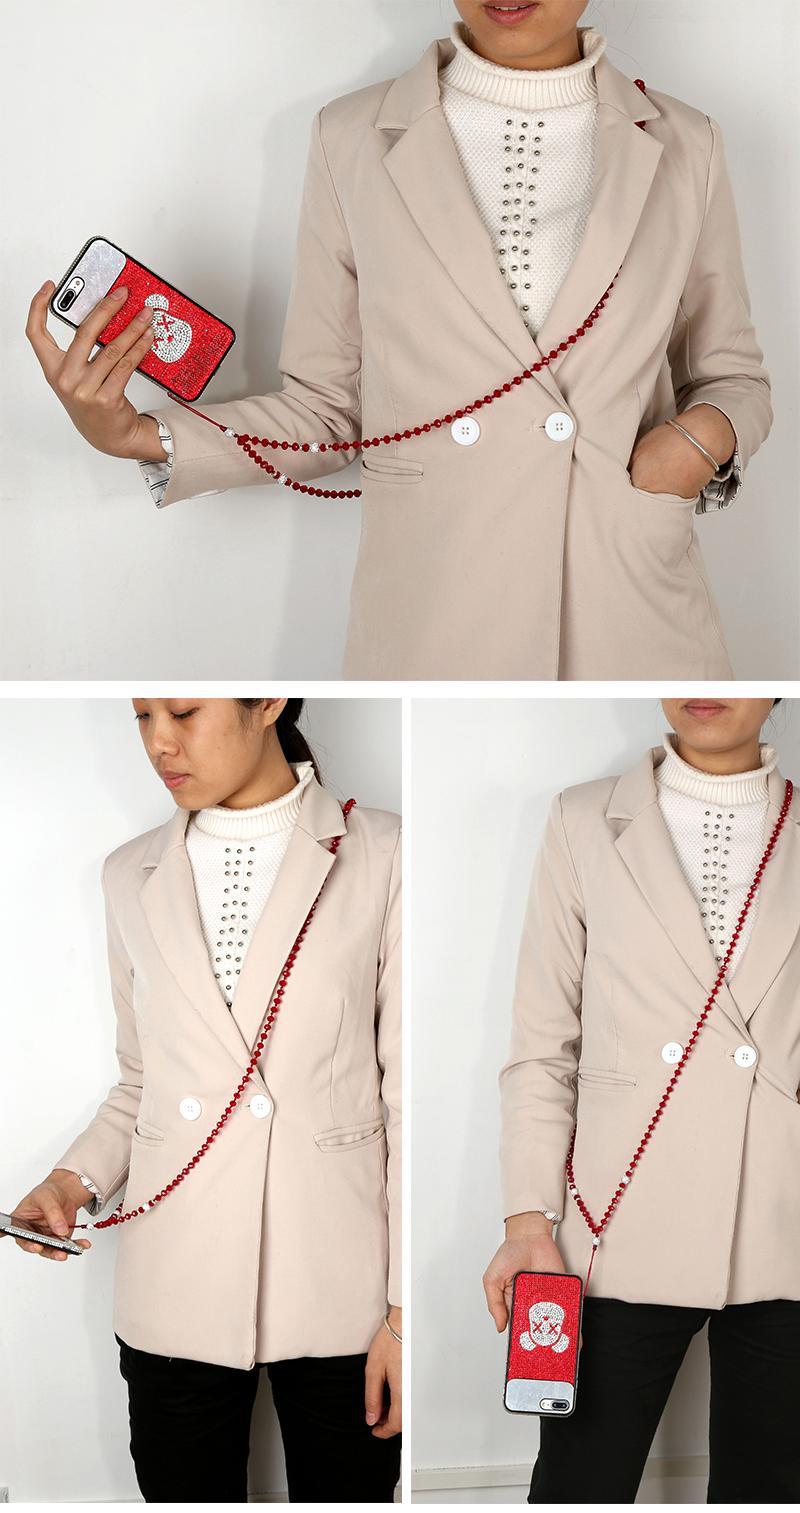 2020 패션 디자인 비즈 전화 끈 스트랩 최신 디자인 아크릴 진주 목걸이 애플 아이폰